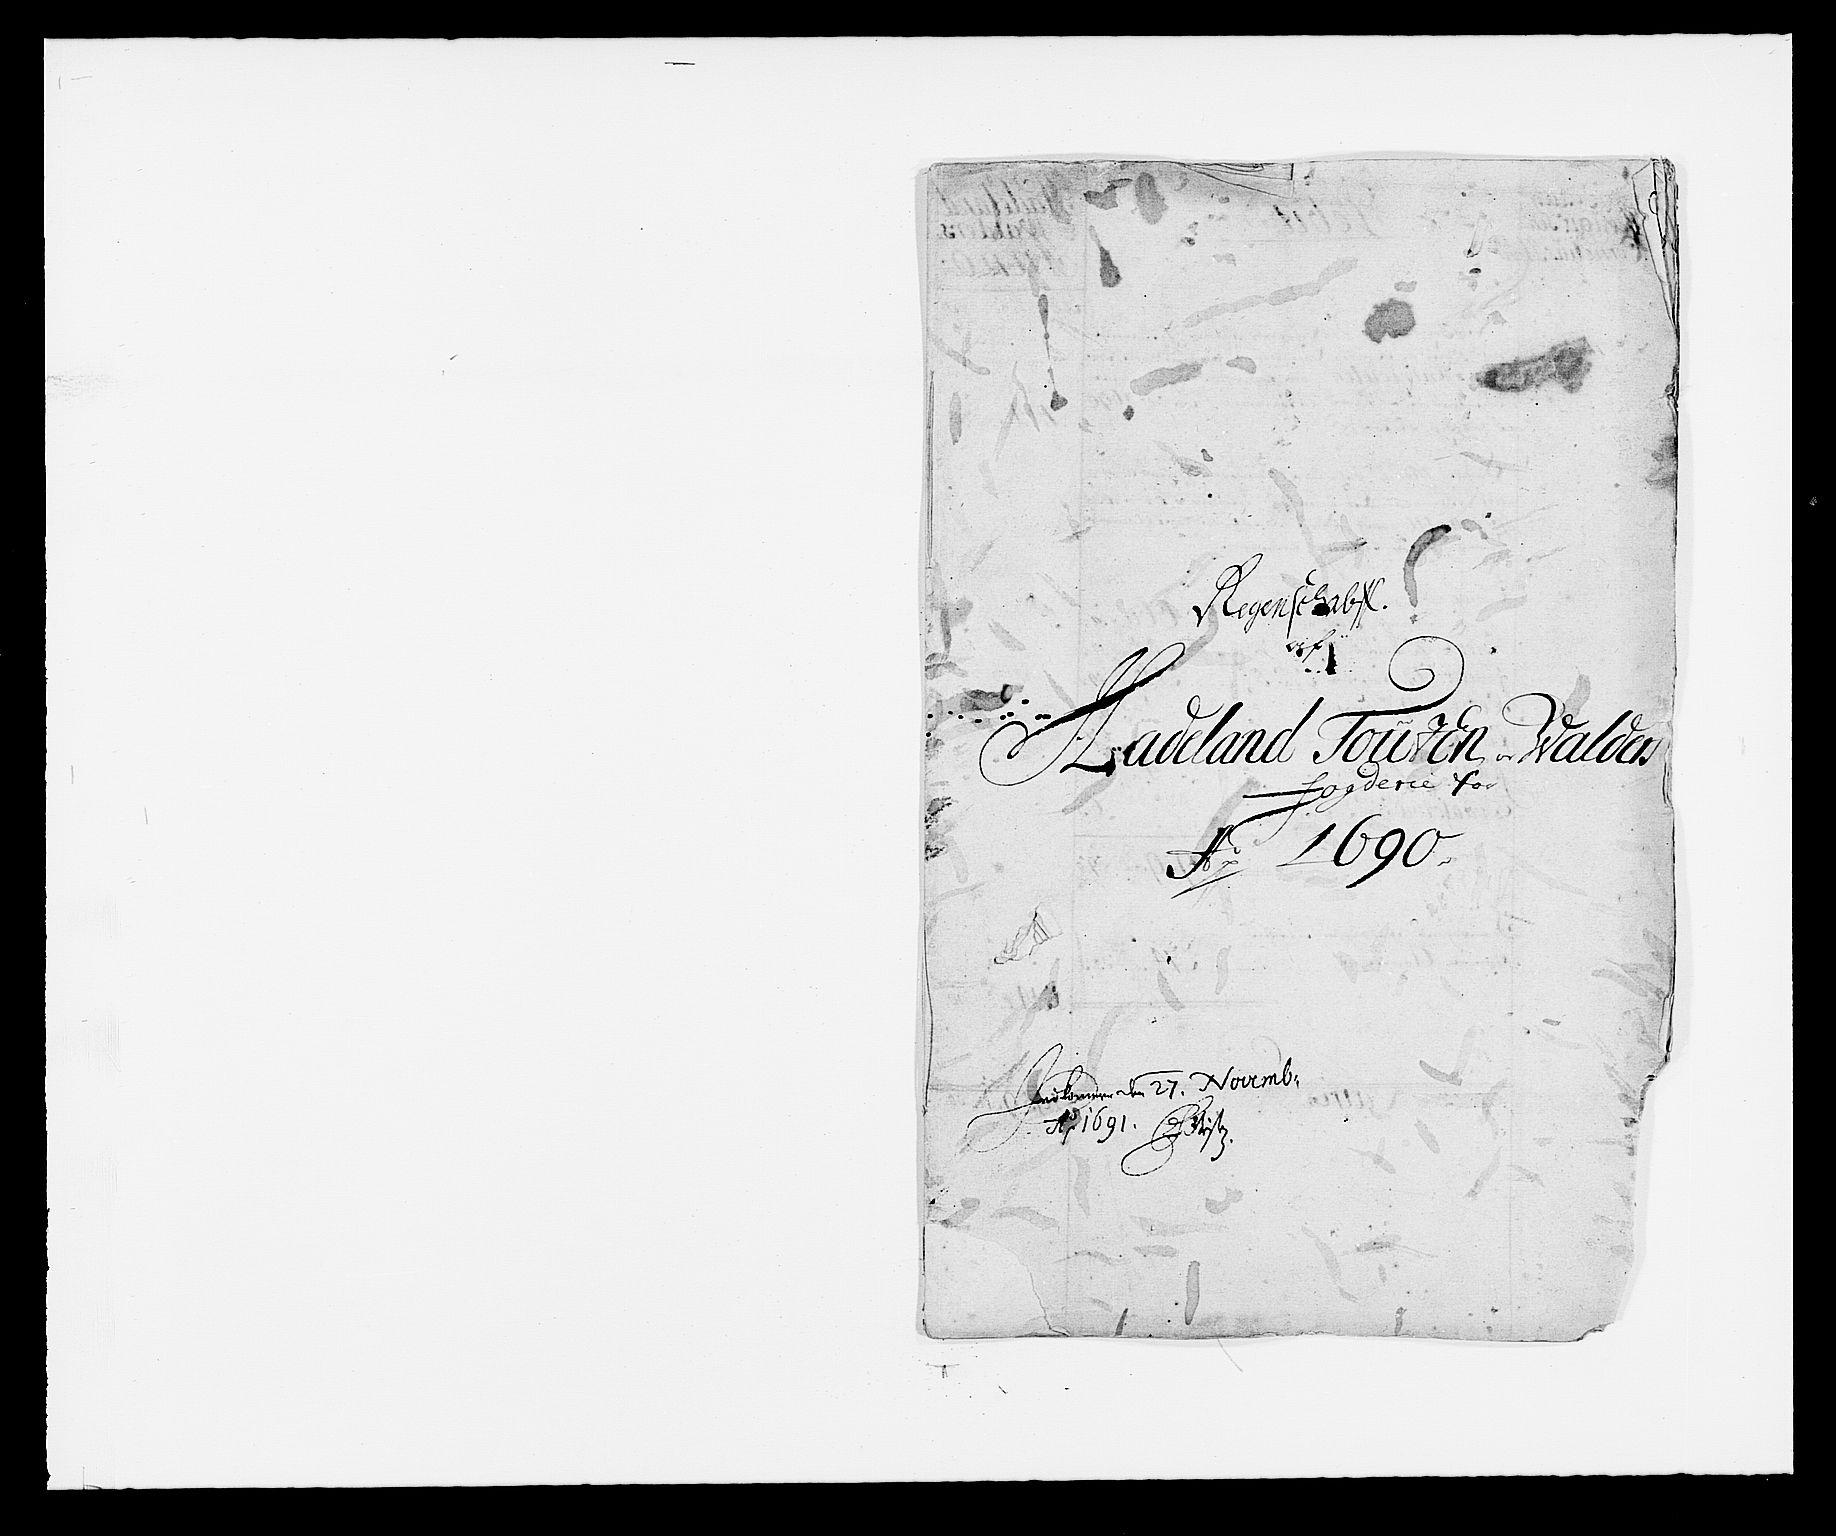 RA, Rentekammeret inntil 1814, Reviderte regnskaper, Fogderegnskap, R18/L1289: Fogderegnskap Hadeland, Toten og Valdres, 1690, s. 2